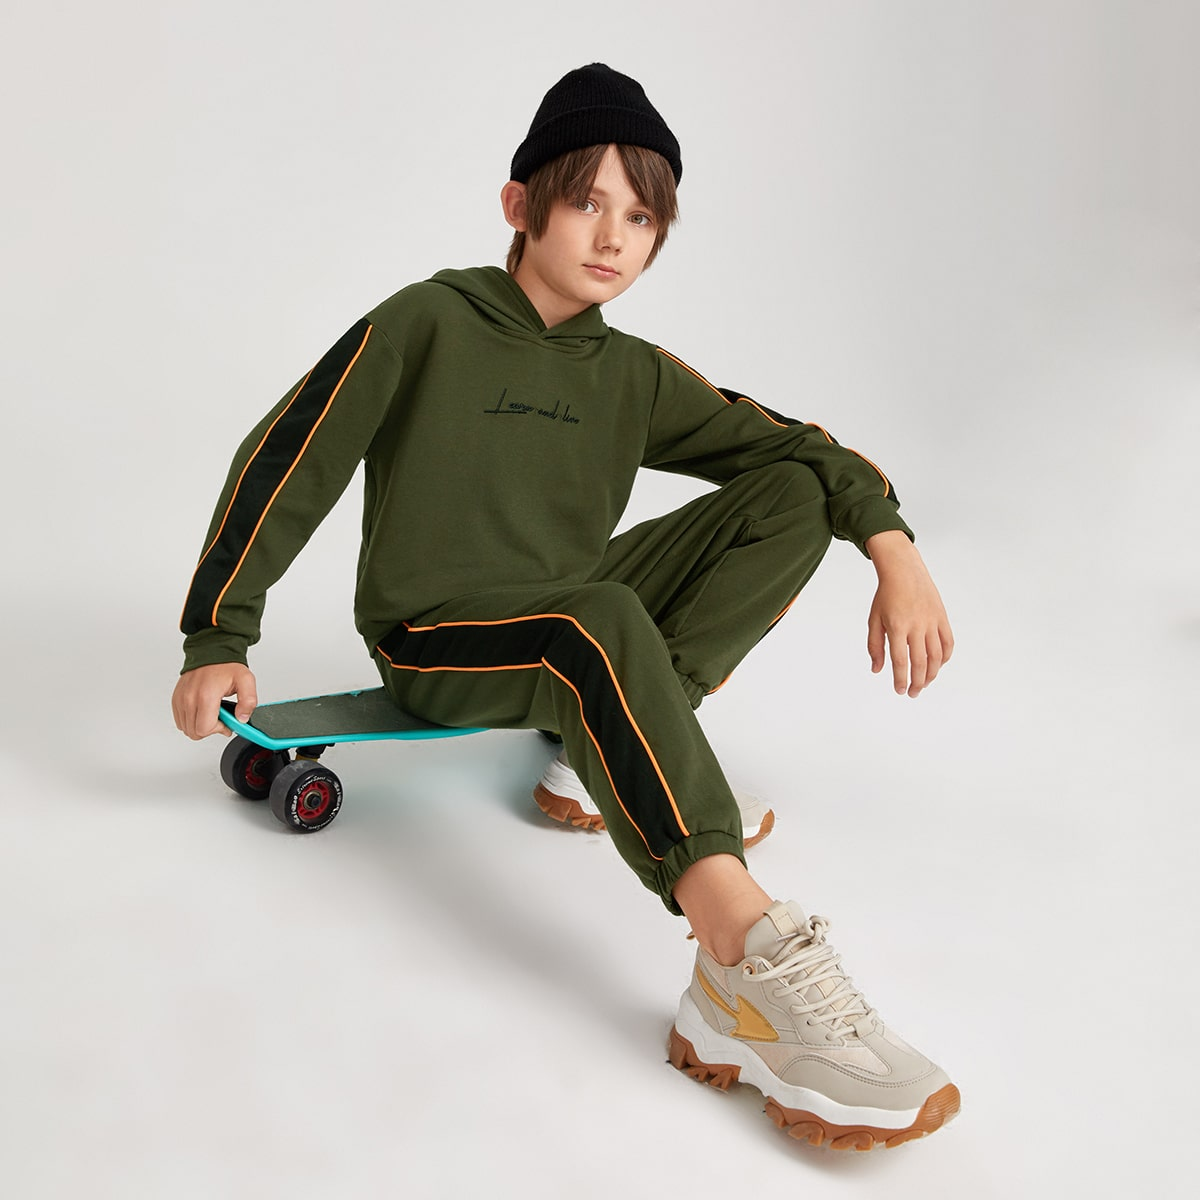 Толстовка с текстовой вышивкой и джоггеры для мальчиков